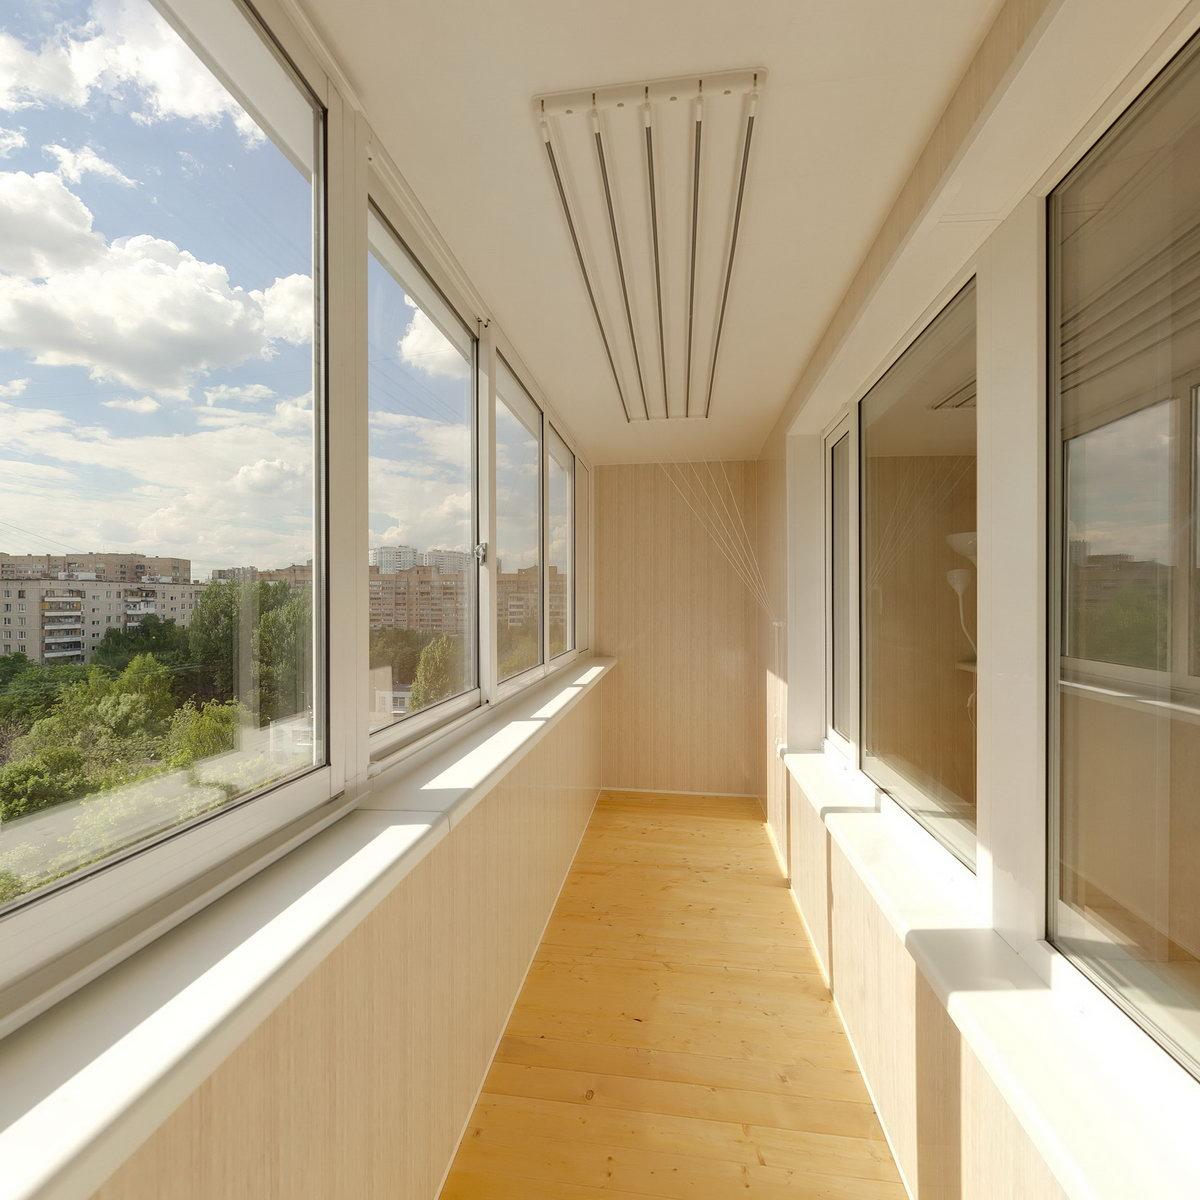 Лоджия и балкон: в чем разница и что лучше.